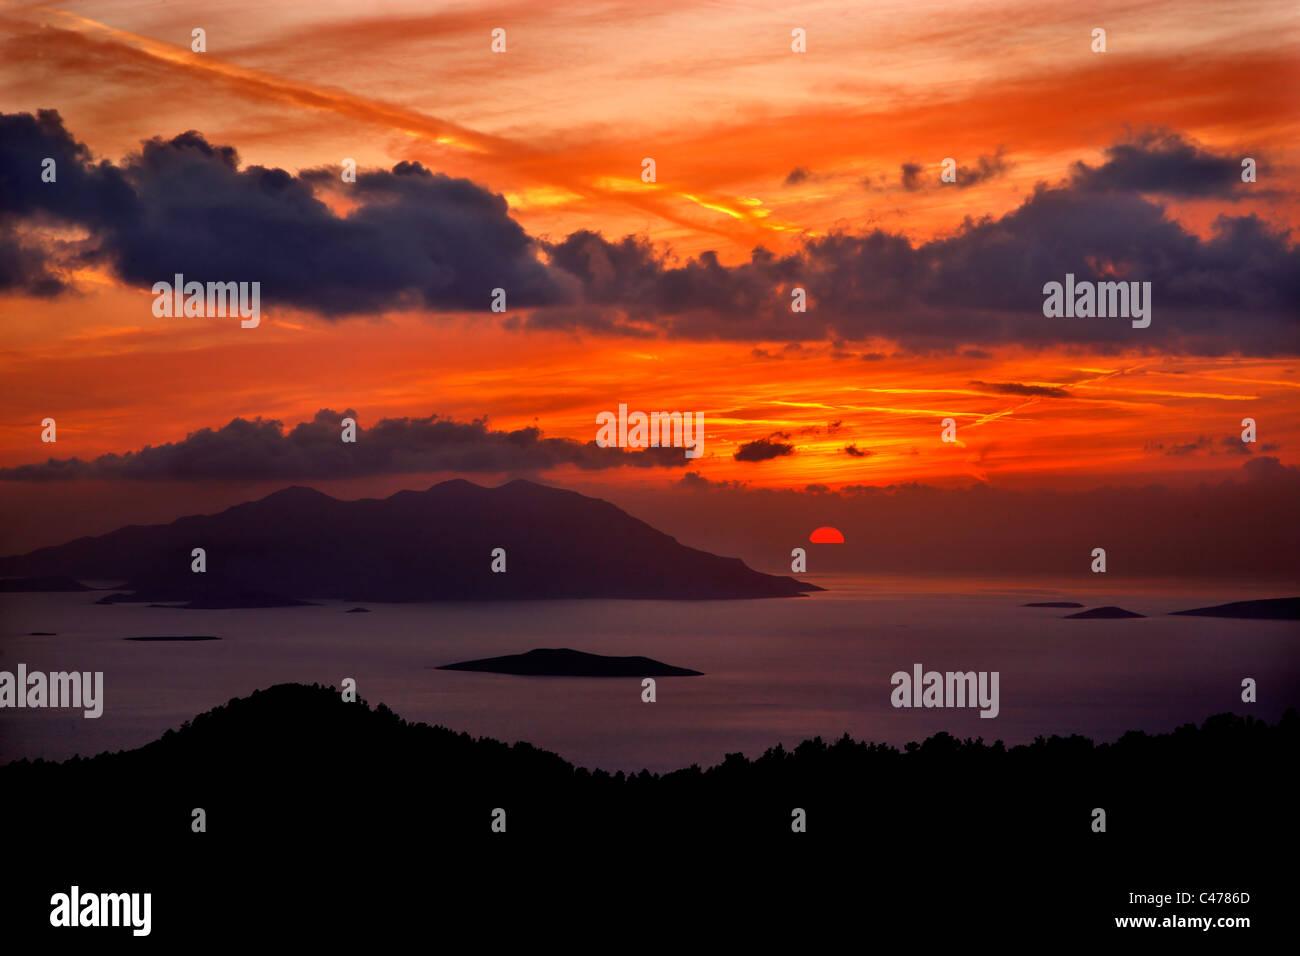 Sonnenuntergang Foto von Südwesten Rhodos, in der Nähe von Kritinia Dorf. Die große Insel im Hintergrund Stockbild